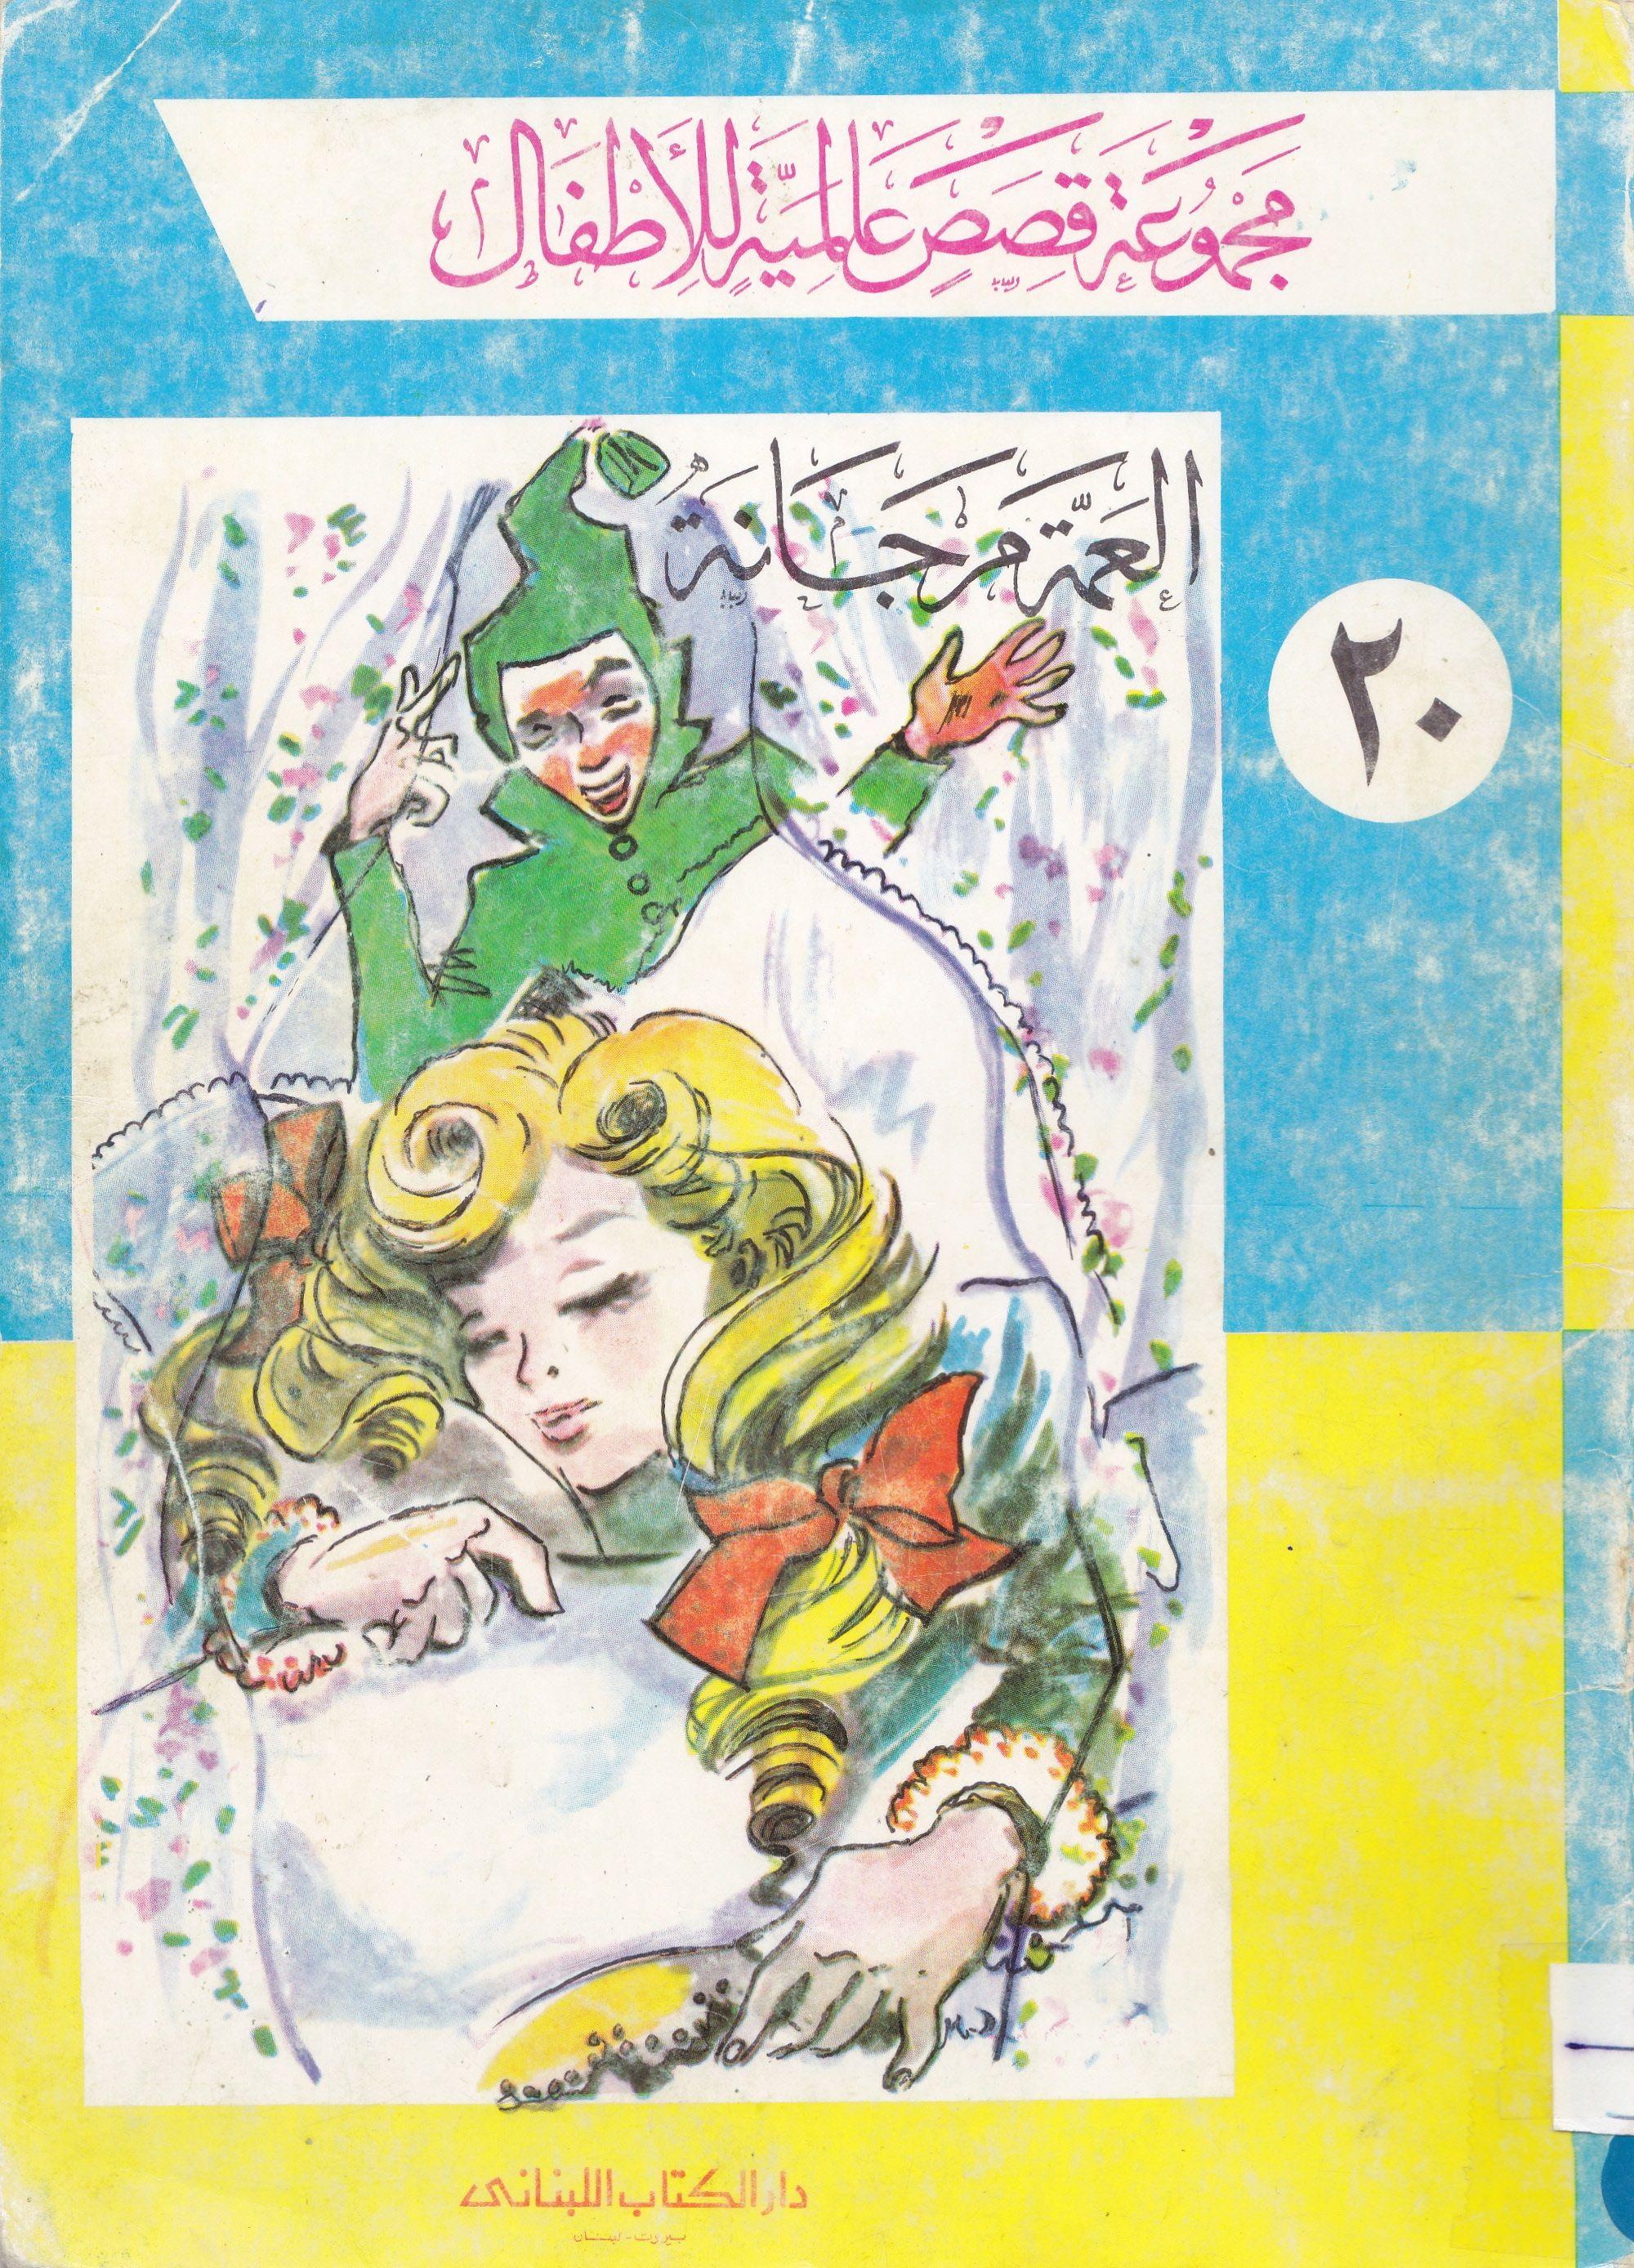 قصة العمة مرجانة I مجموعة قصص عالمية للأطفال Book Cover Books Art